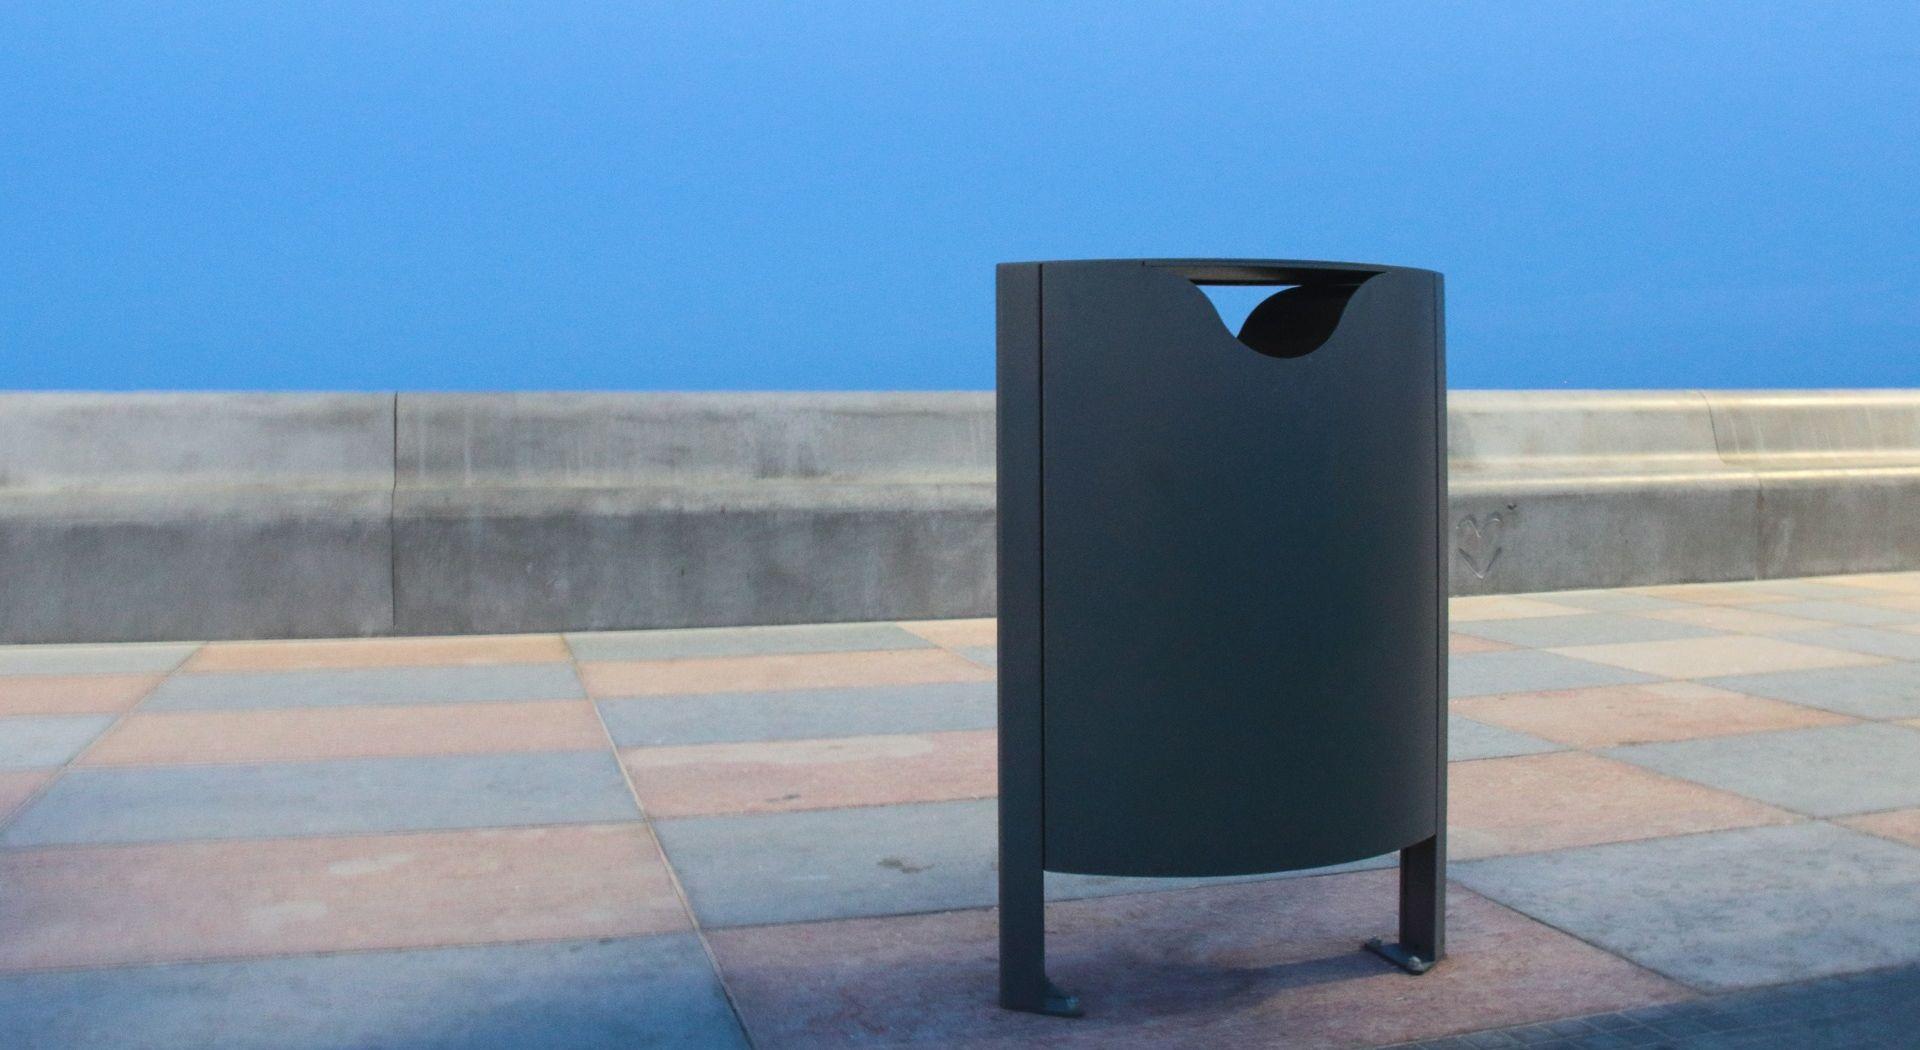 LANCILLOTTO Corbeille Urbaine, Mobilier Urbain Design acier corten inox cendrier Mobilier de Collectivité Centres Commerciaux Fabricant METALCO